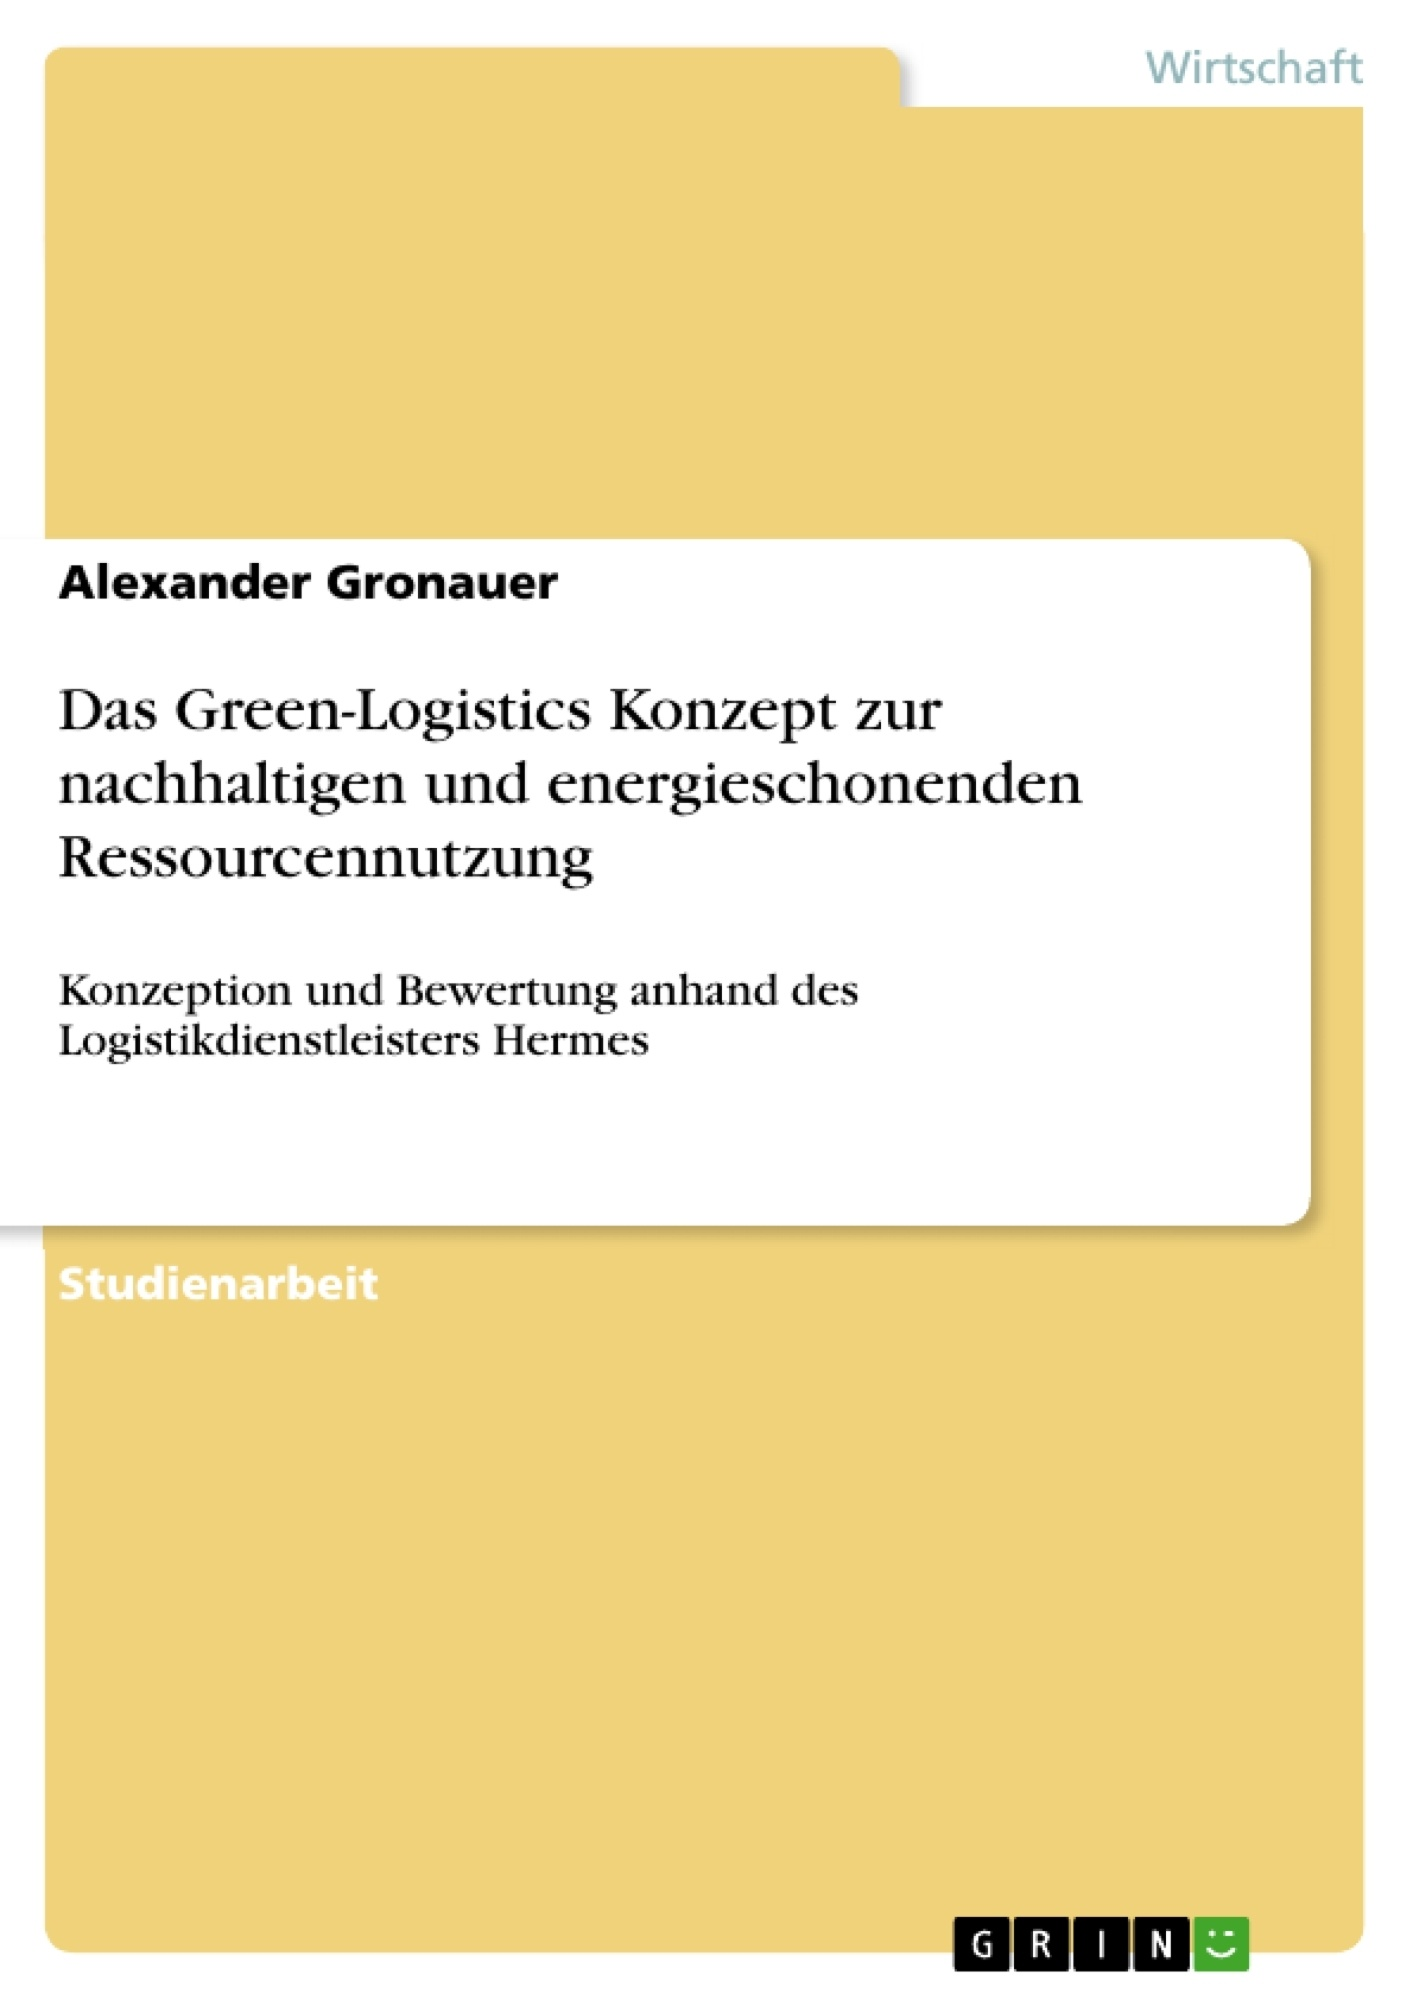 Titel: Das Green-Logistics Konzept zur nachhaltigen und energieschonenden Ressourcennutzung